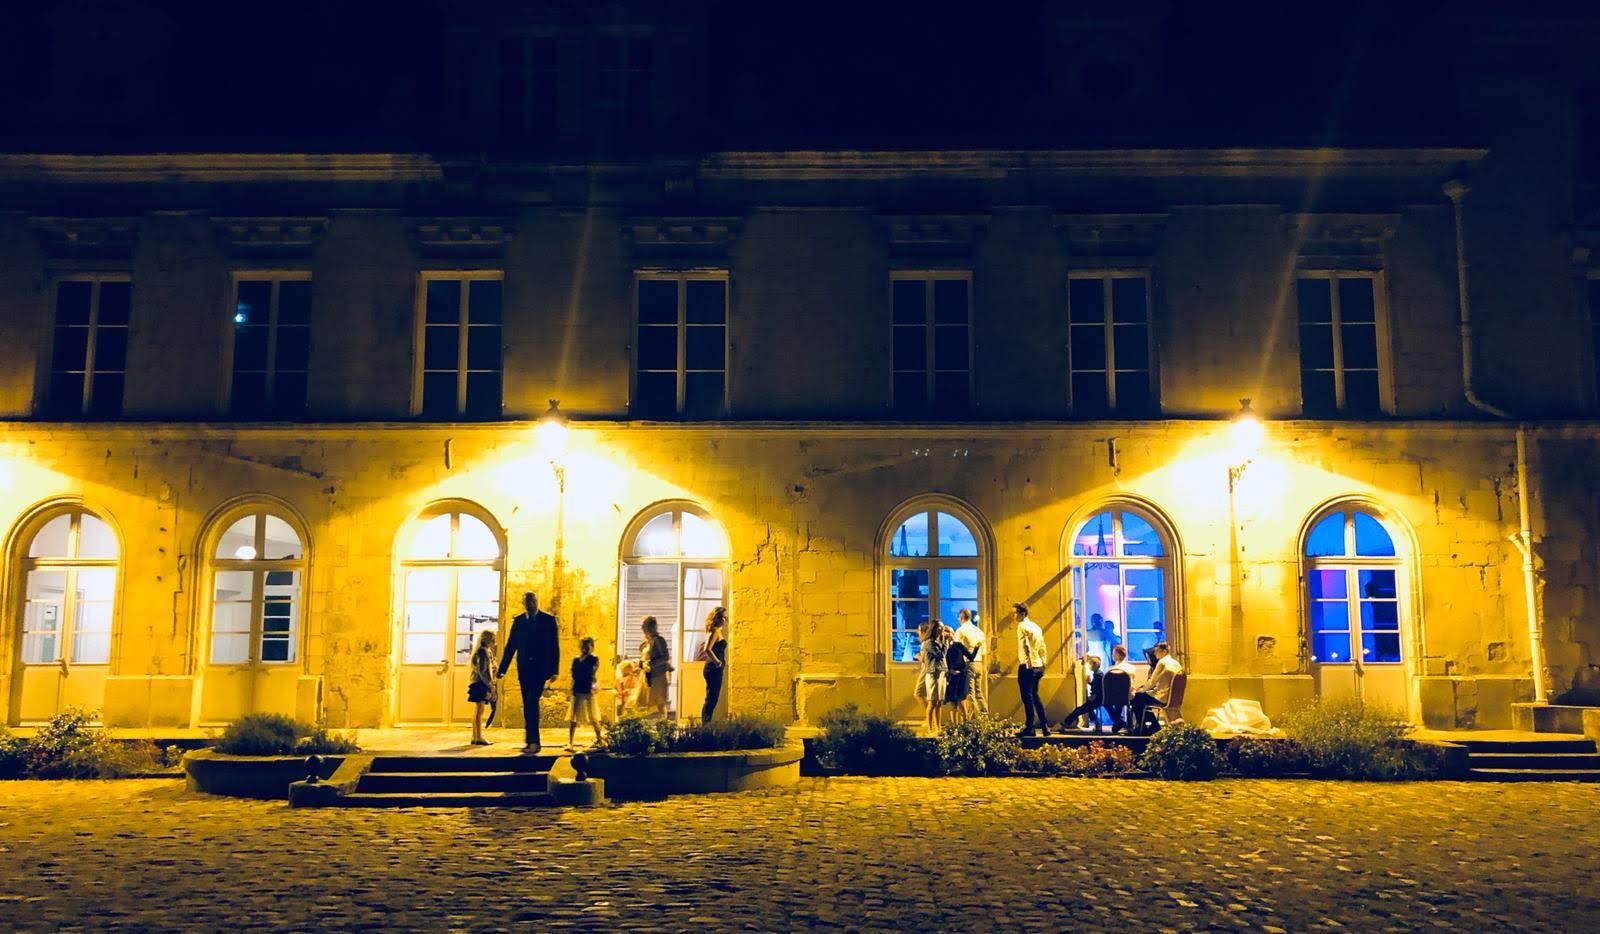 prestation mariage chateau aramont sonozikloc ambiance exterieur